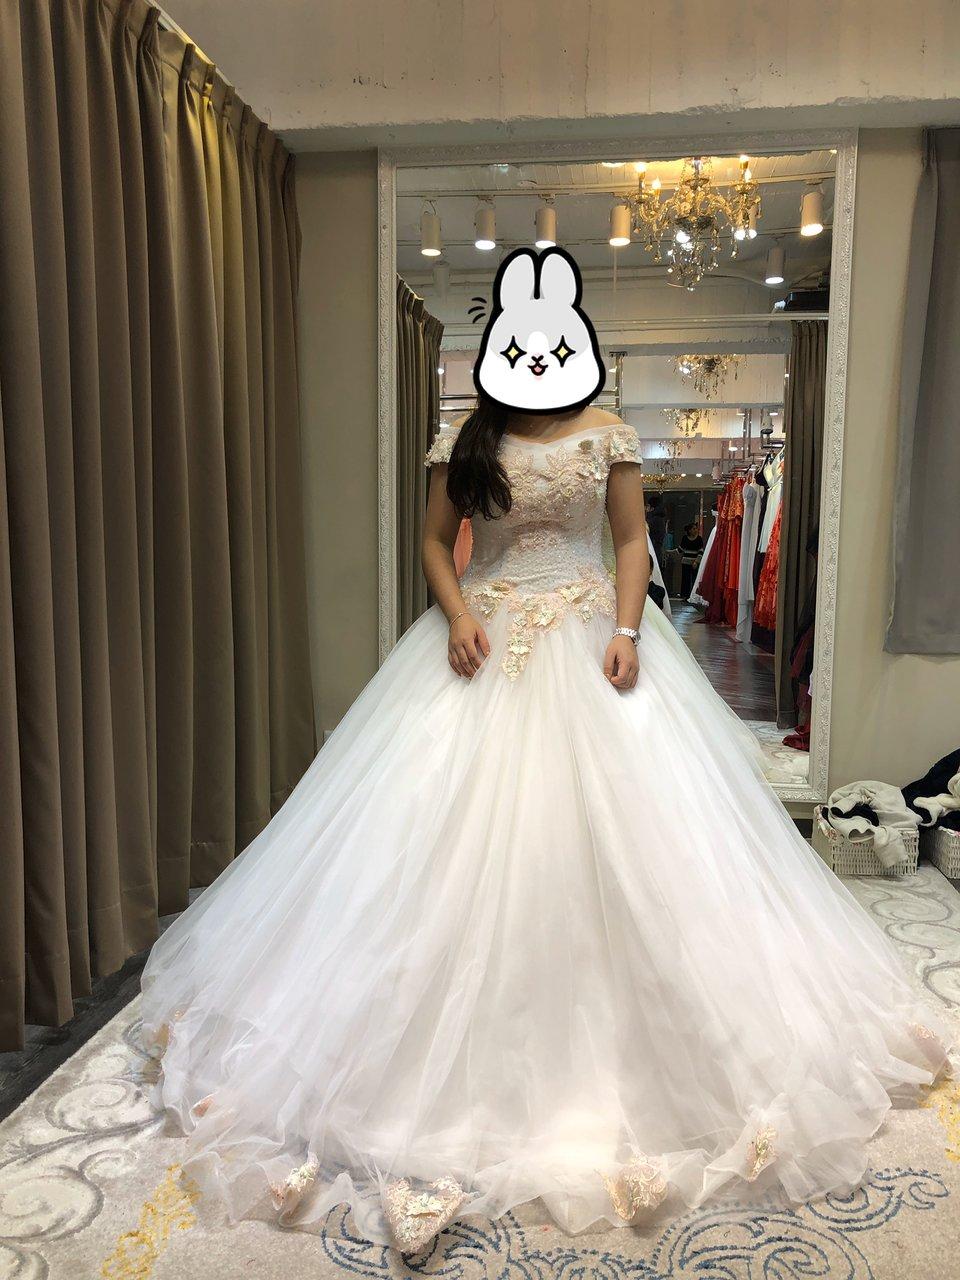 伊頓自助婚紗攝影工作室(新竹經國店),推薦伊頓自助婚紗的禮服租借服務